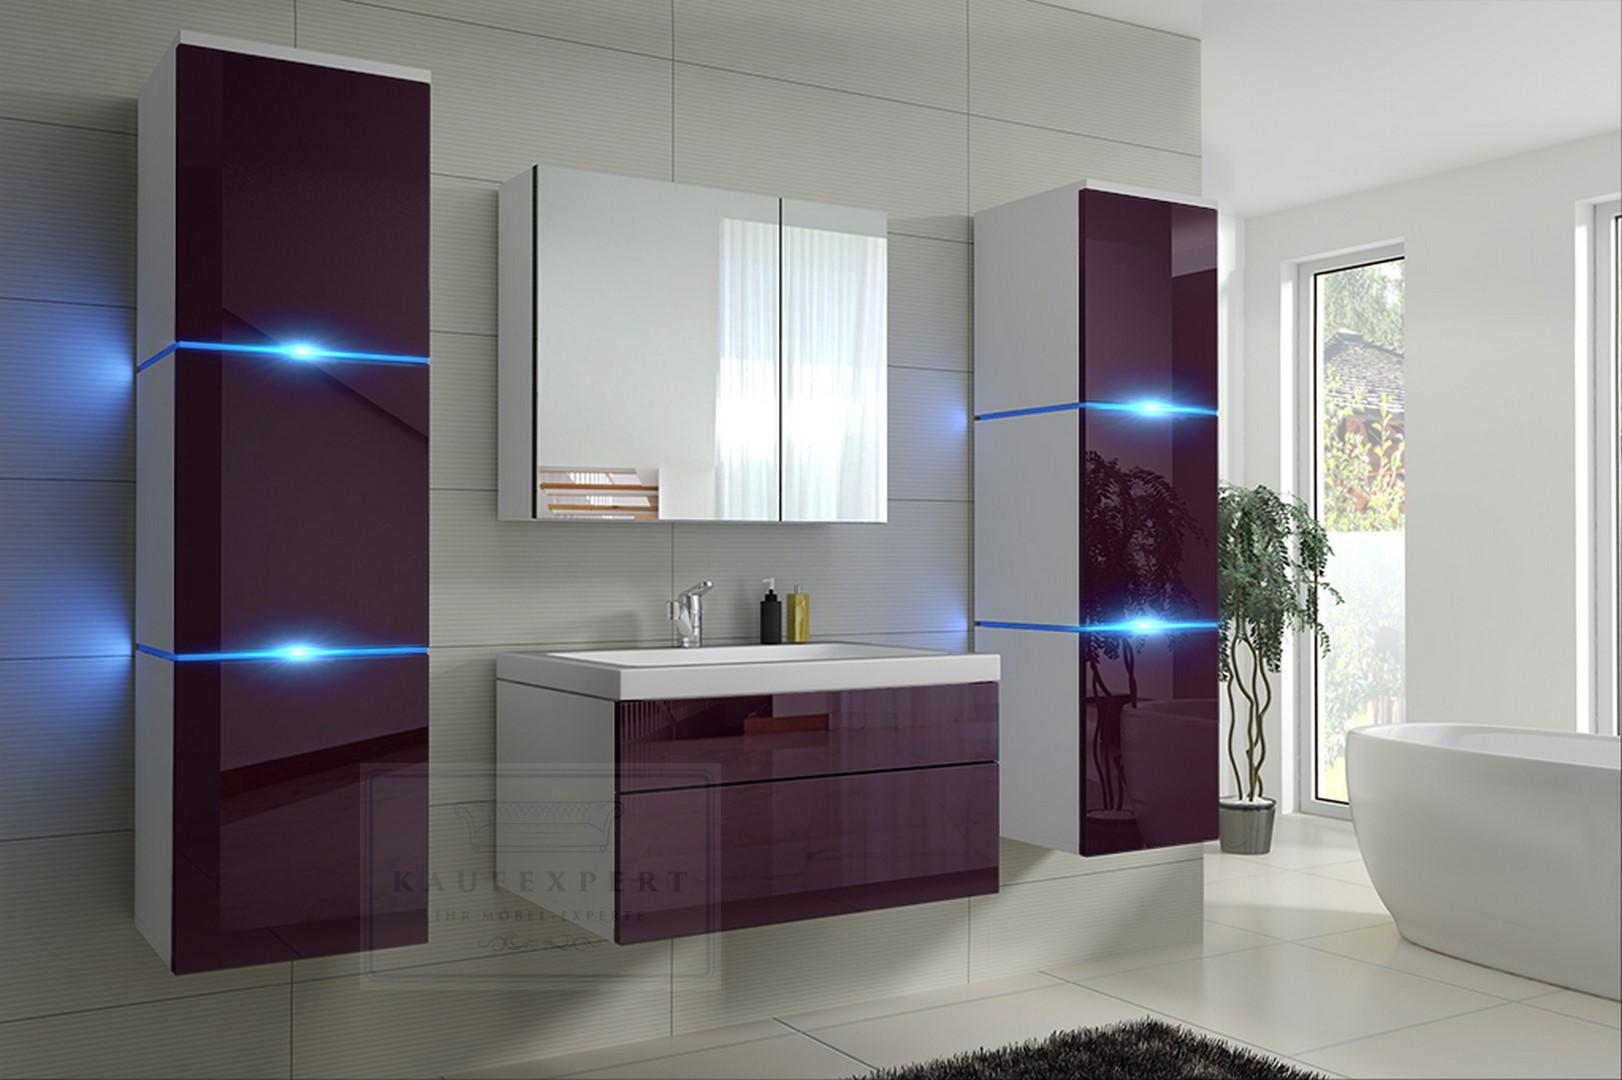 Badmöbel-Set Lux NEW Aubergine Hochglanz/Weiß KERAMIK Waschbecken  Badezimmer Led Beleuchtung Badezimmermöbel Keramikbecken